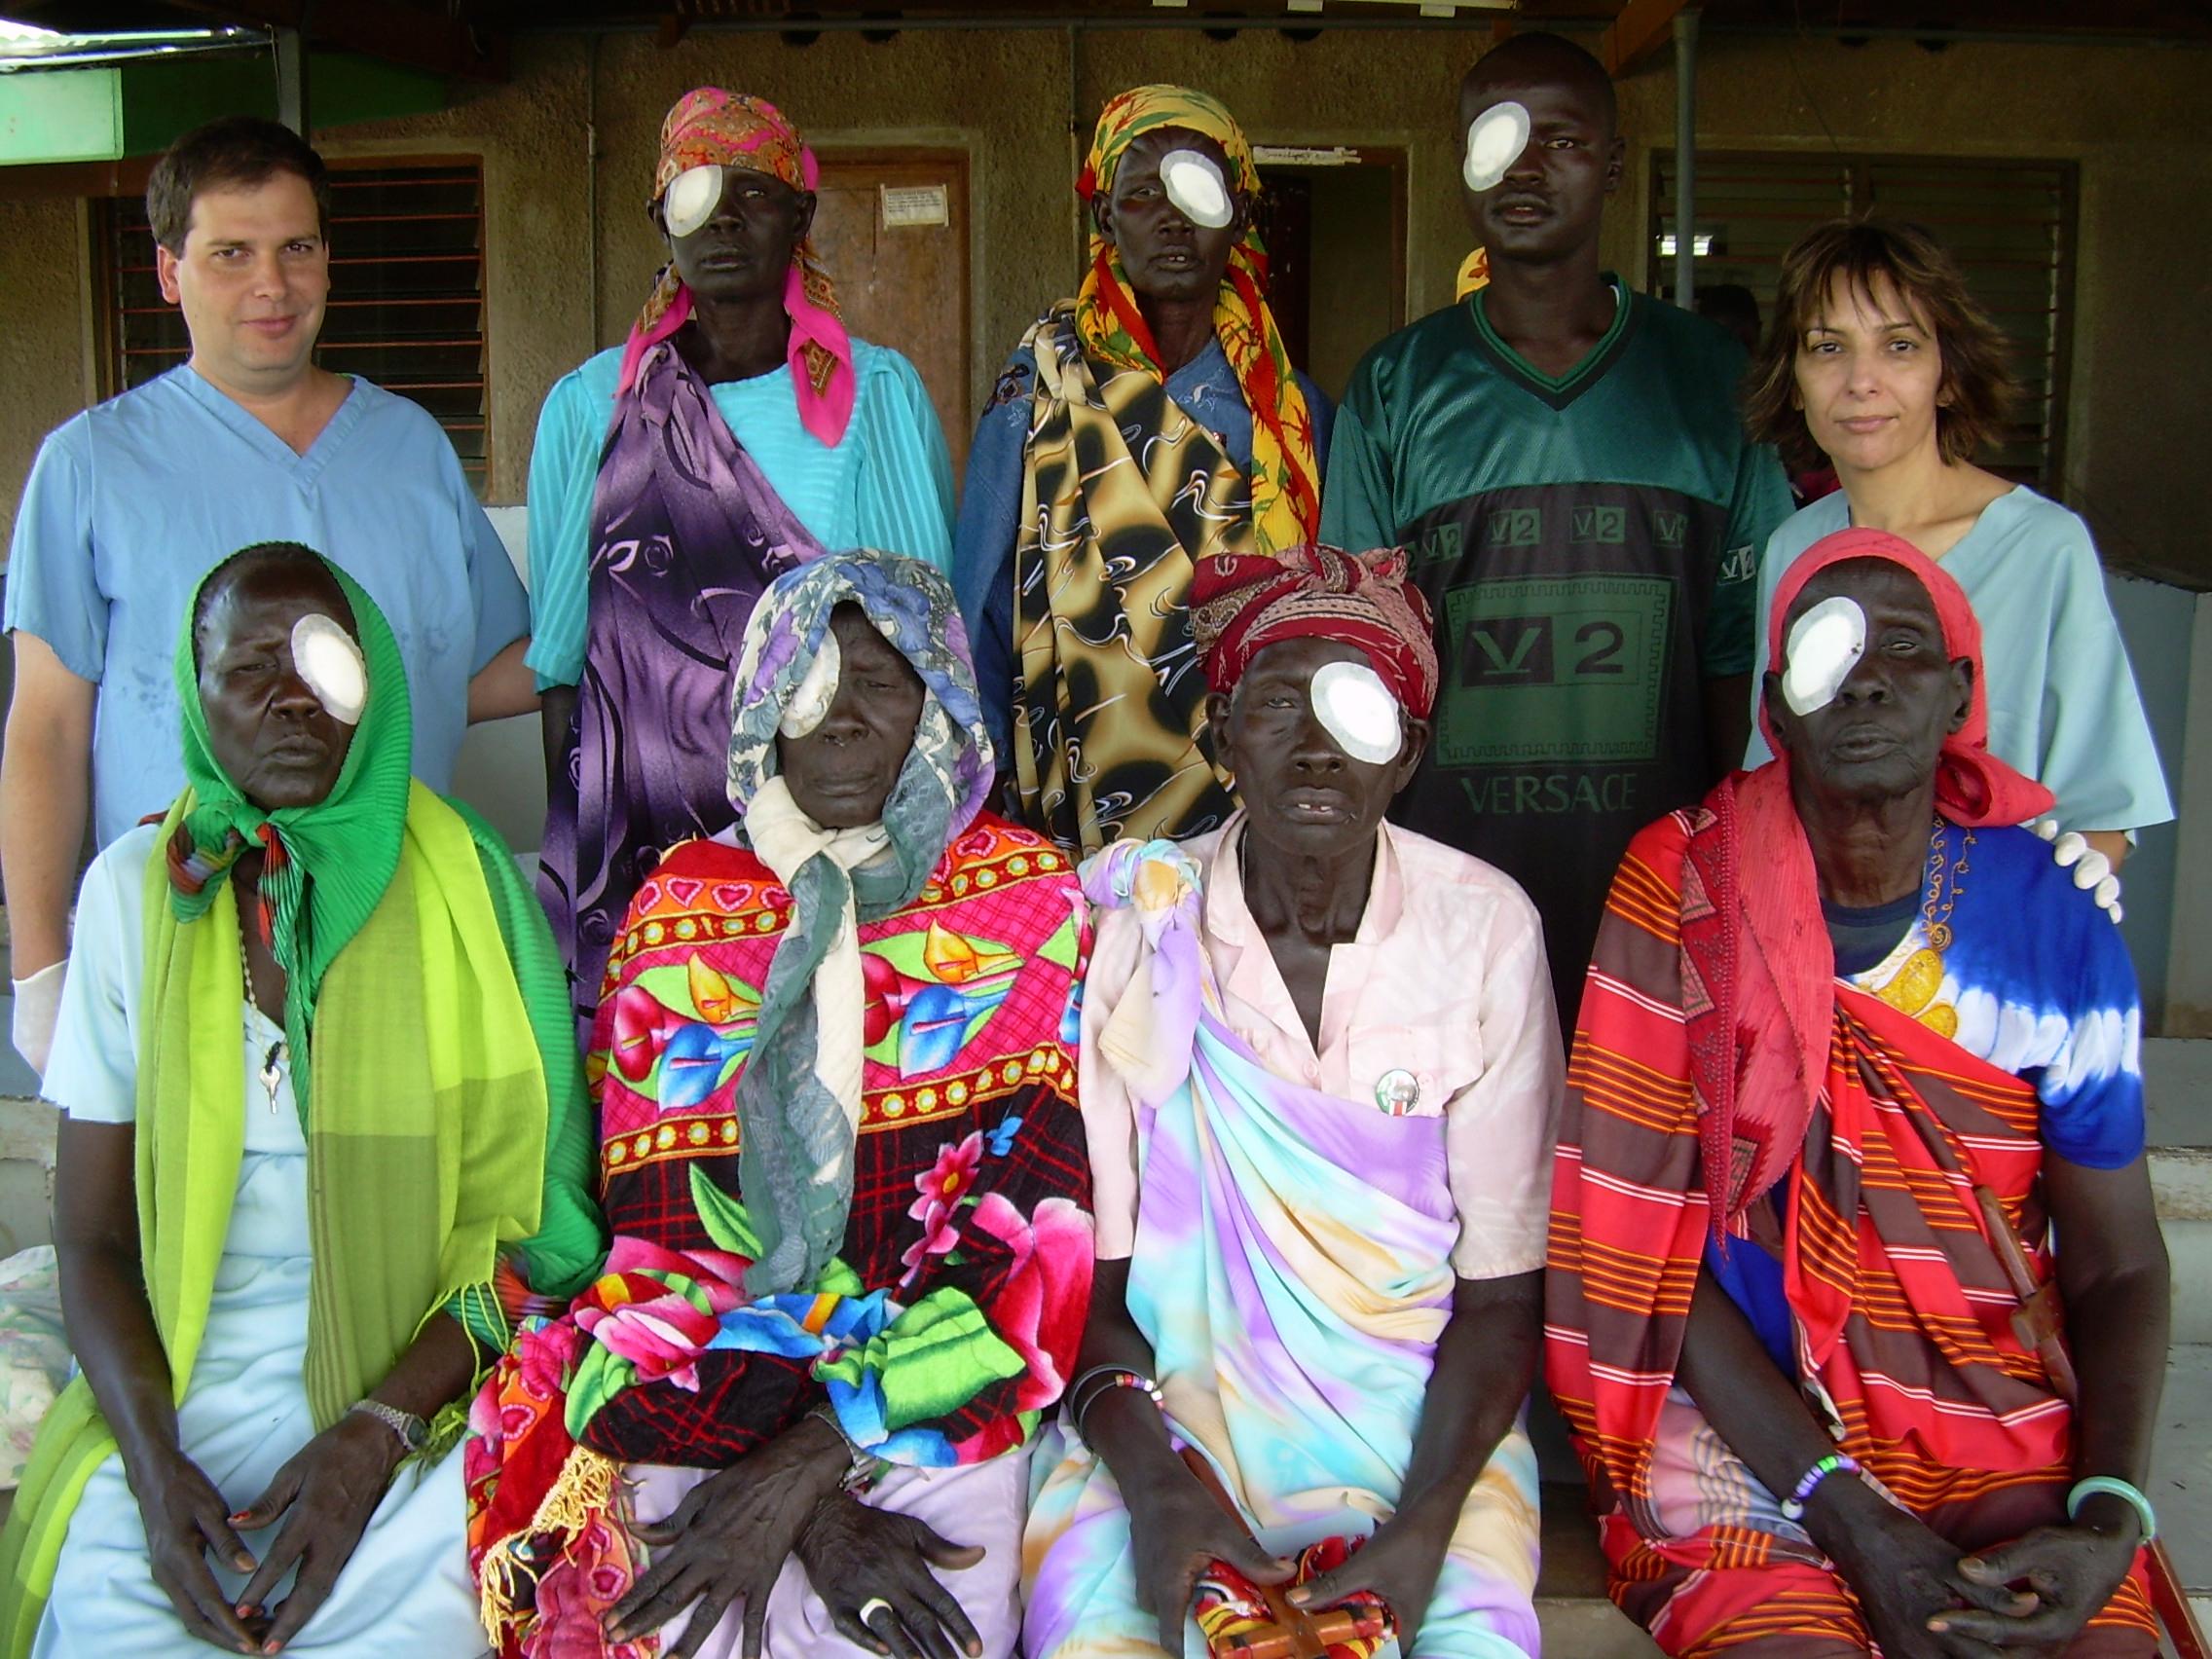 Coopération internationale avec MASHAV : traitement des yeux pour réfugiés du Sud-Soudan au camp Kakuma, Kenya